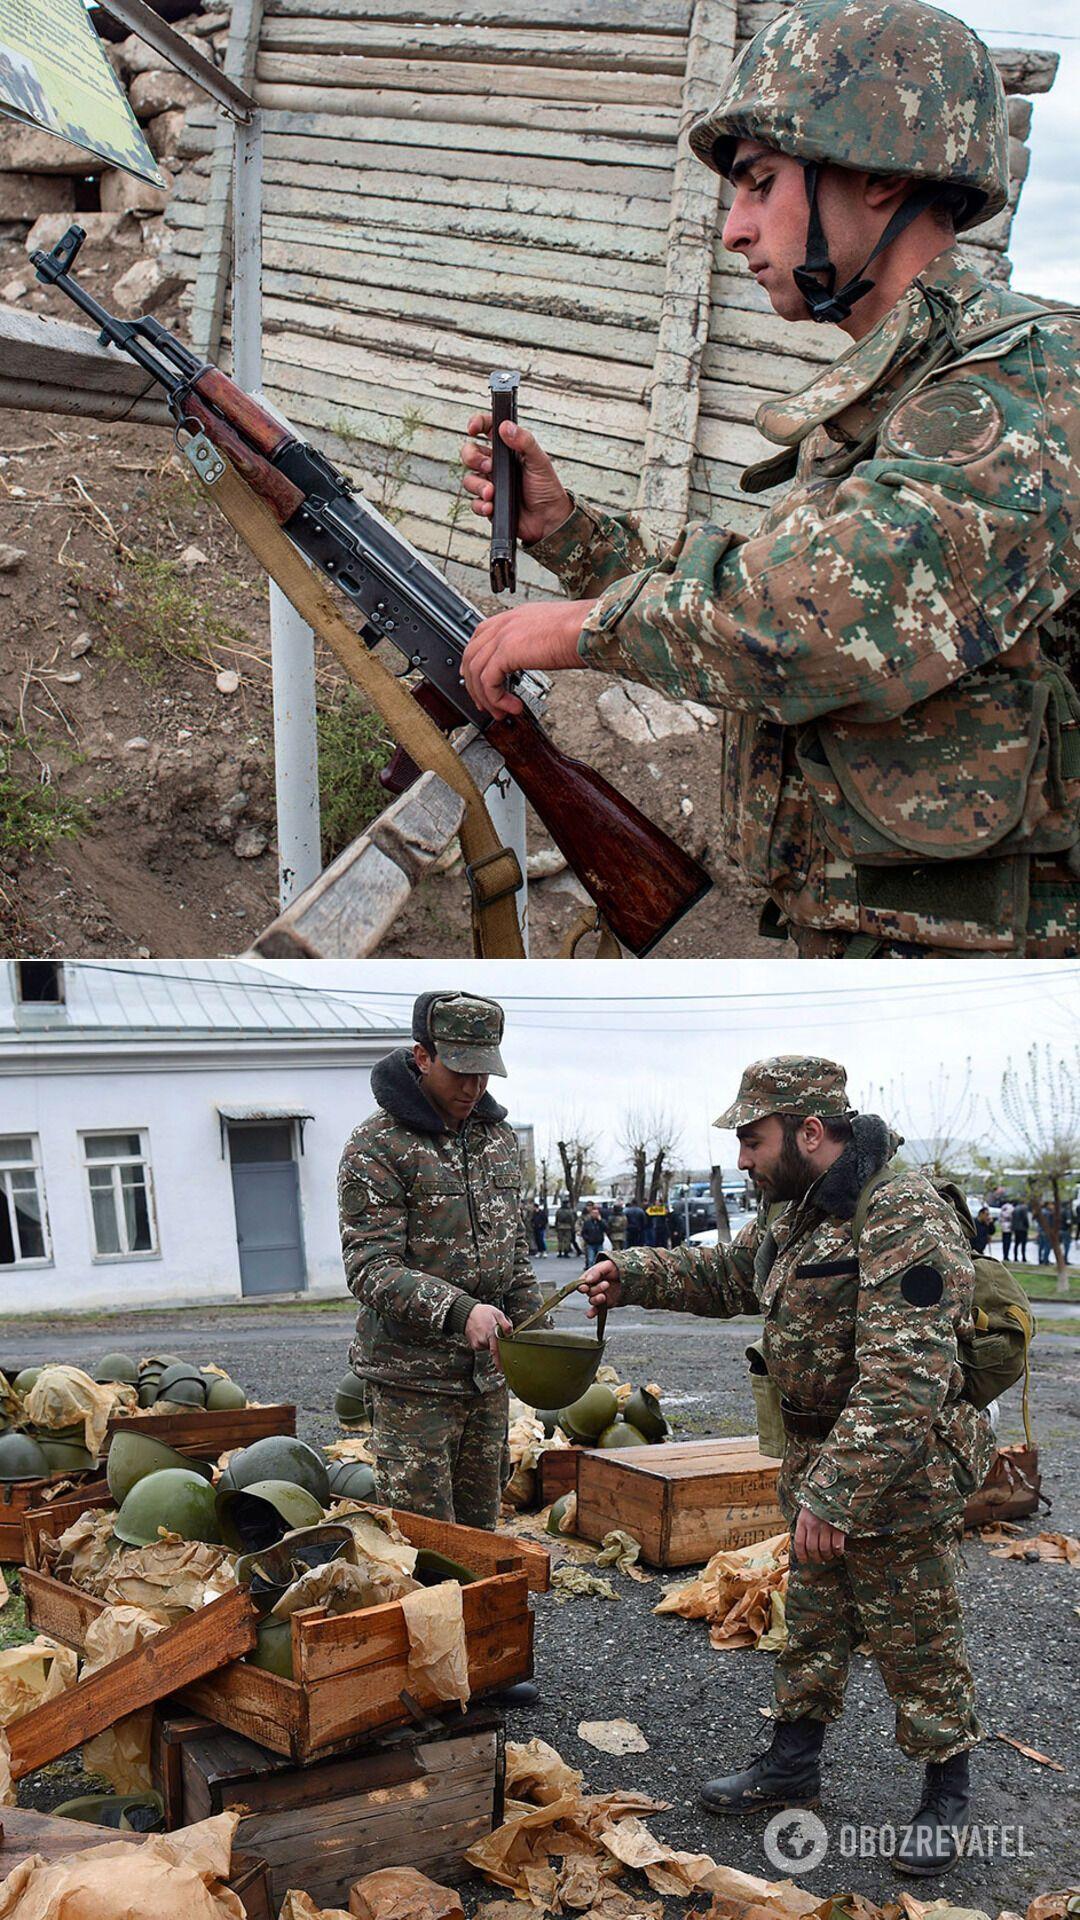 Чергове загострення конфлікту в Нагірному Карабасі, 2016 рік